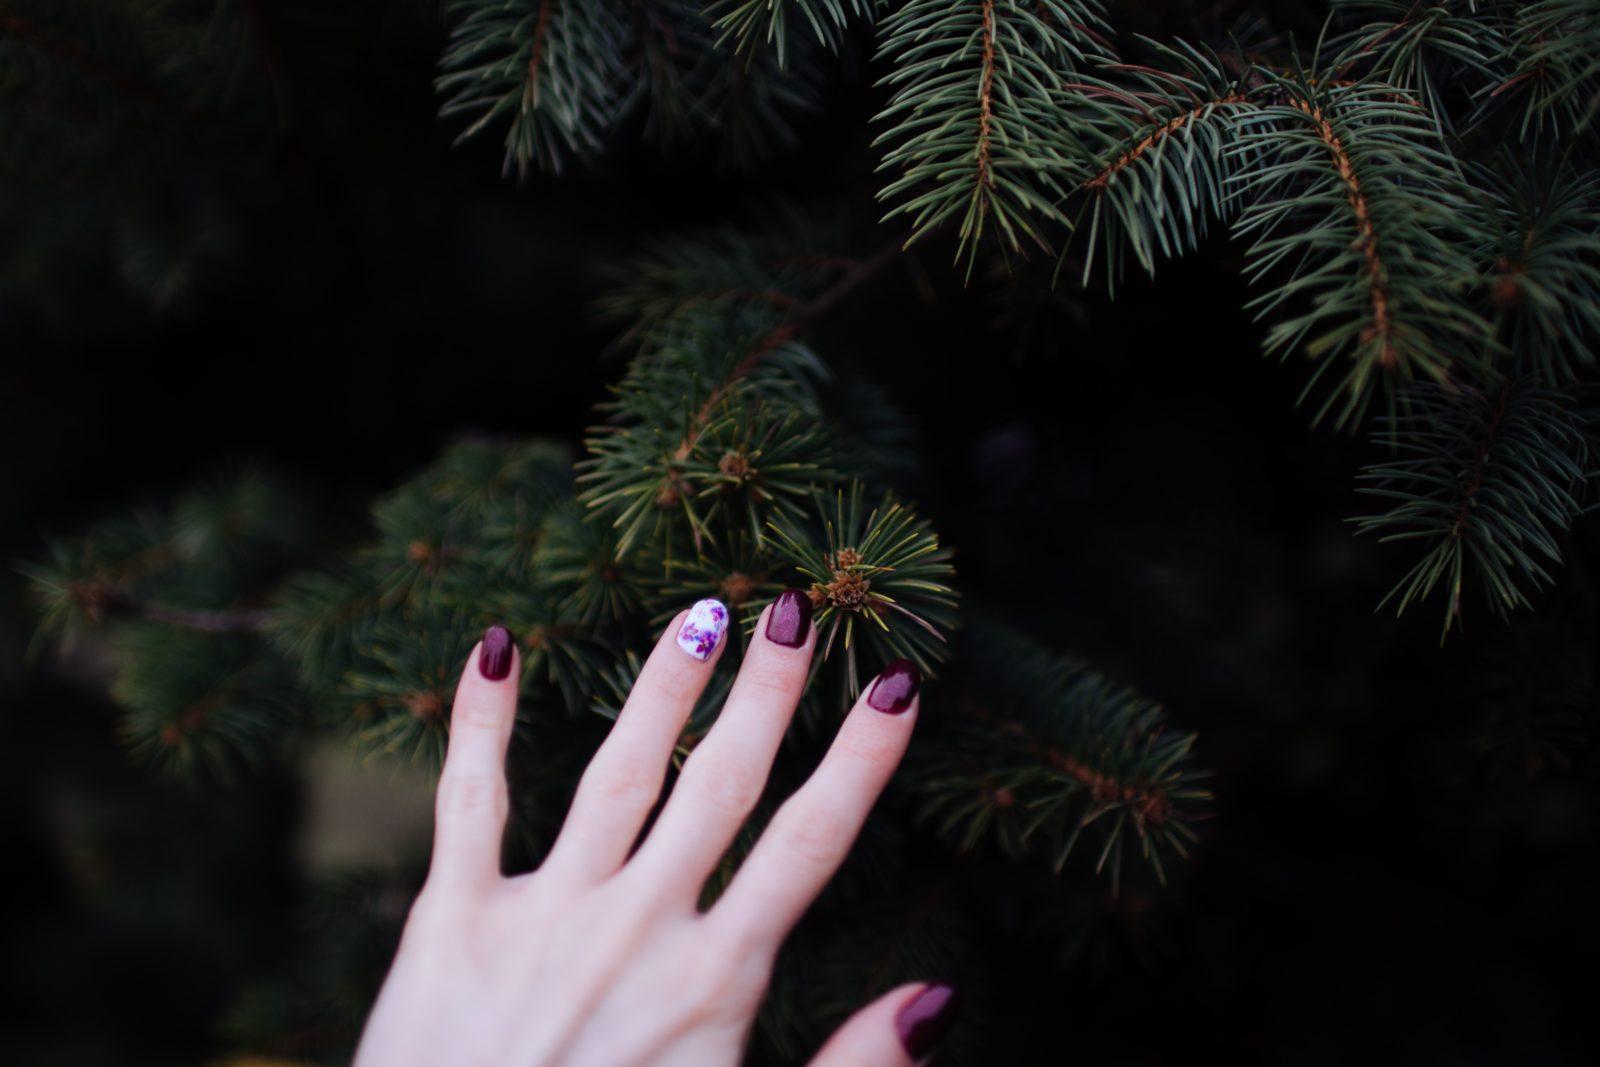 hands nails